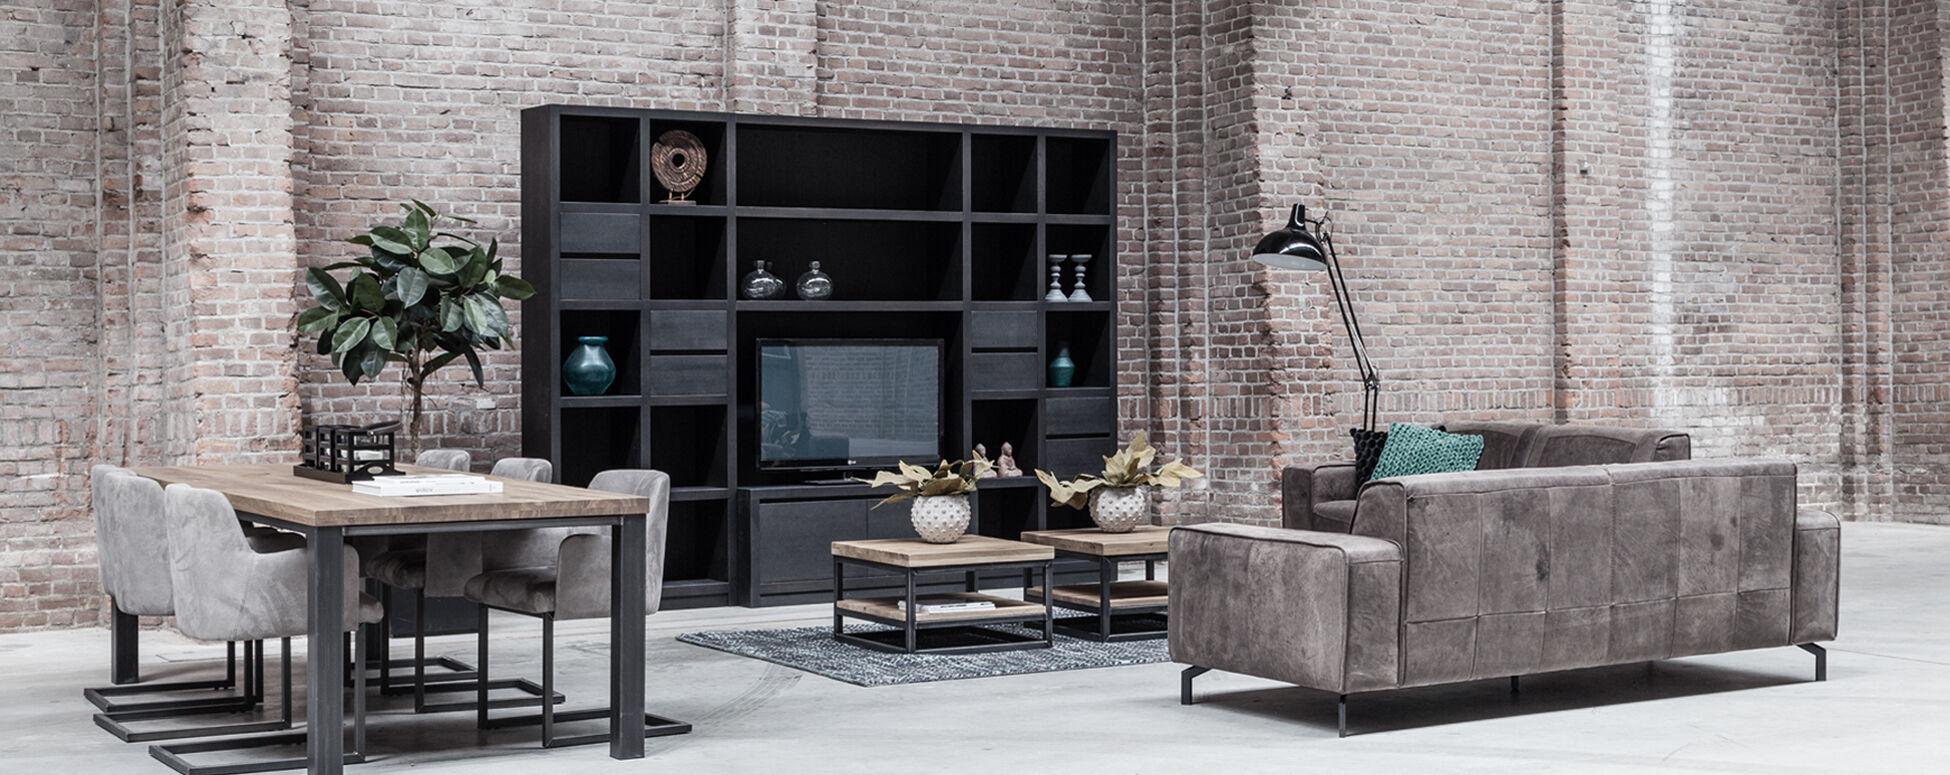 Heerkens Interieurs Meubels In Heeswijk Dinther Den Bosch